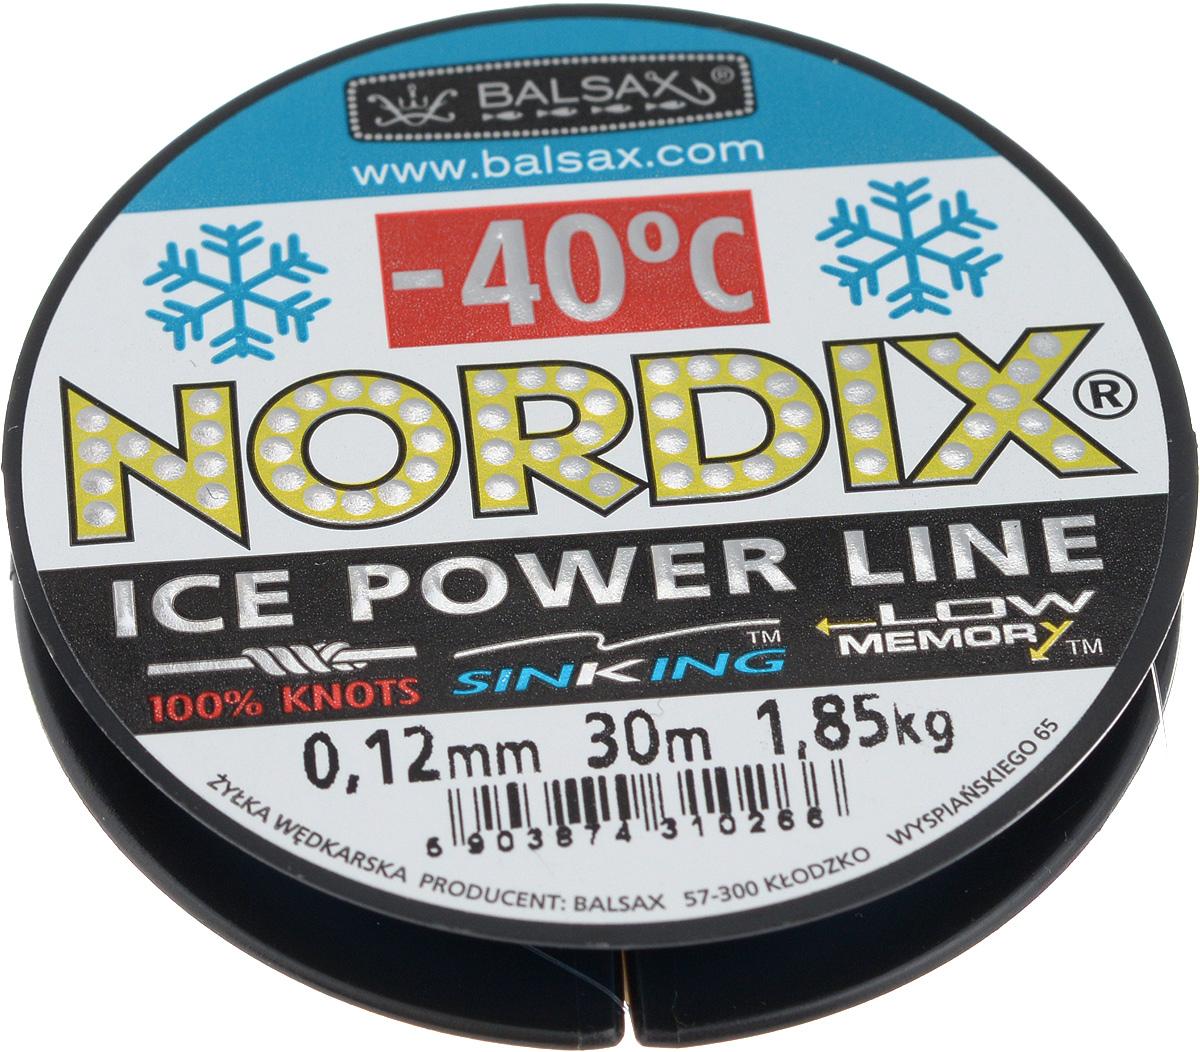 Леска зимняя Balsax Nordix, 30 м, 0,12 мм, 1,85 кг310-12012Леска Balsax Nordix изготовлена из 100% нейлона и очень хорошо выдерживает низкие температуры. Даже в самом холодном климате, при температуре вплоть до -40°C, она сохраняет свои свойства практически без изменений, в то время как традиционные лески становятся менее эластичными и теряют прочность.Поверхность лески обработана таким образом, что она не обмерзает и отлично подходит для подледного лова. Прочна в местах вязки узлов даже при минимальном диаметре.